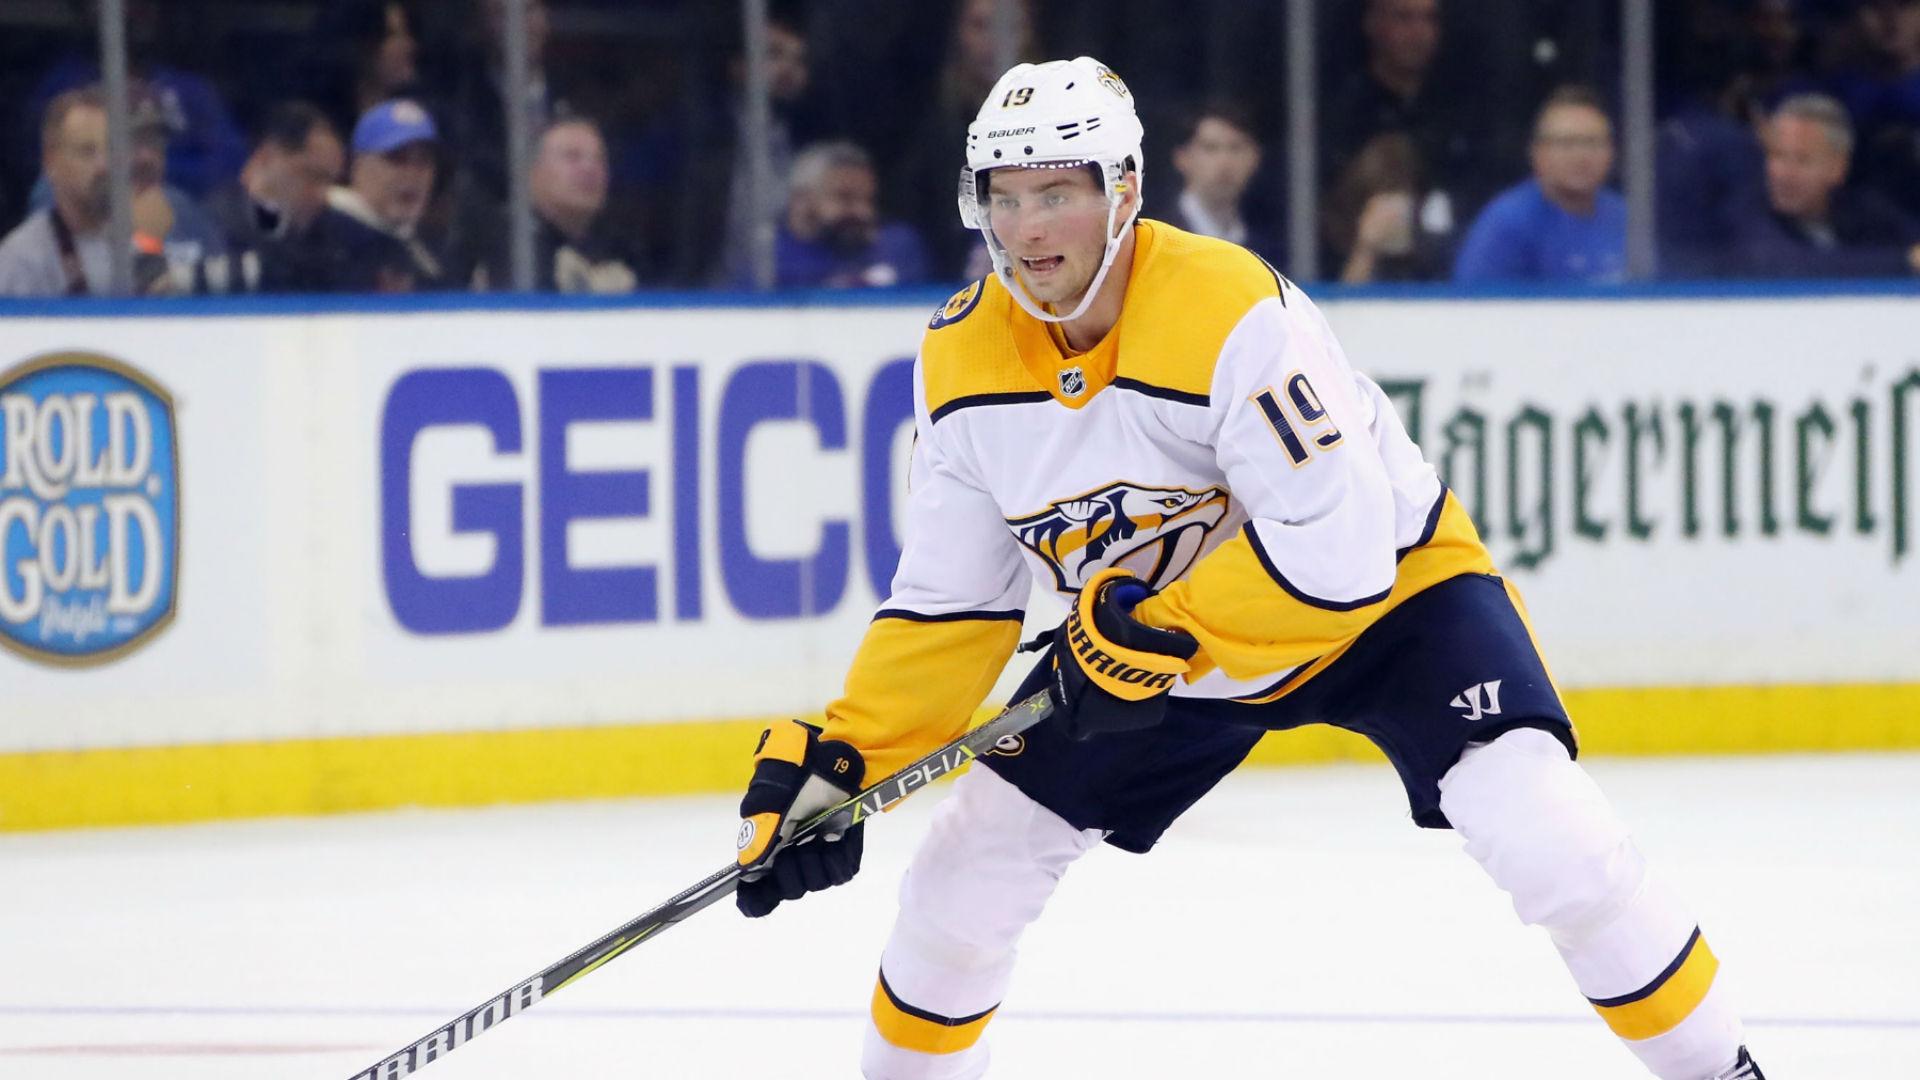 NHL Mock Expansion Draft 2021: Carey Price, Vladimir Tarasenko headline Seattle Kraken picks